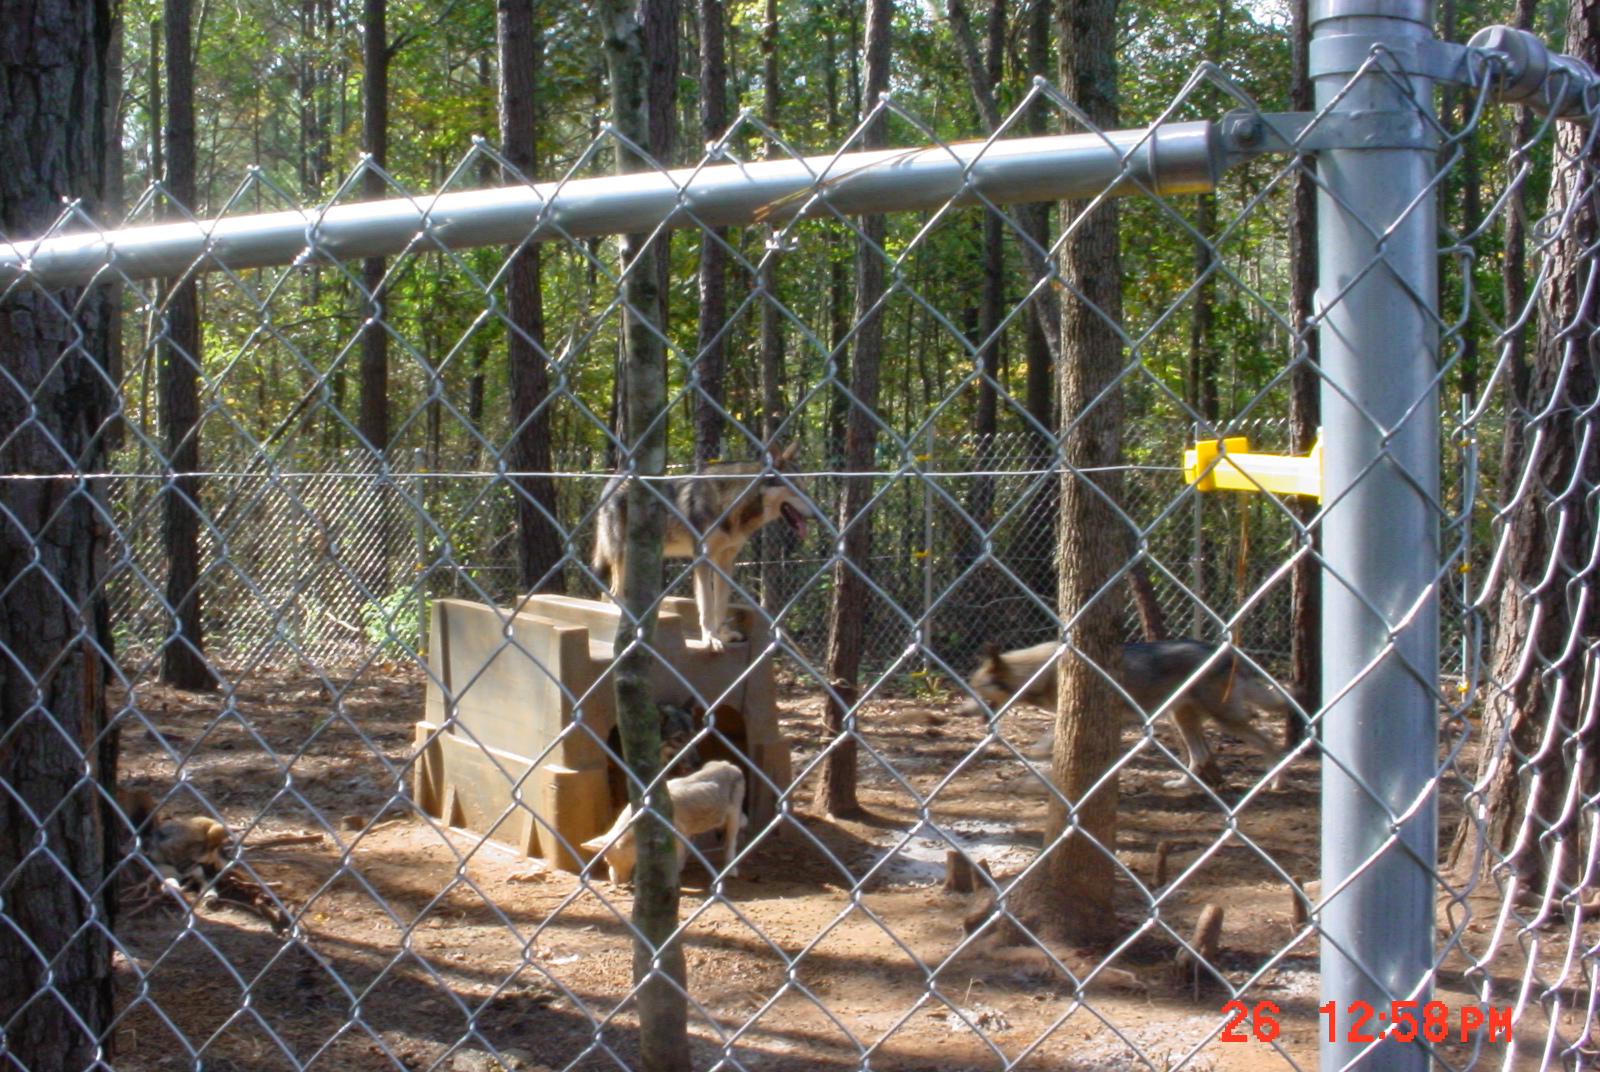 New enclosure